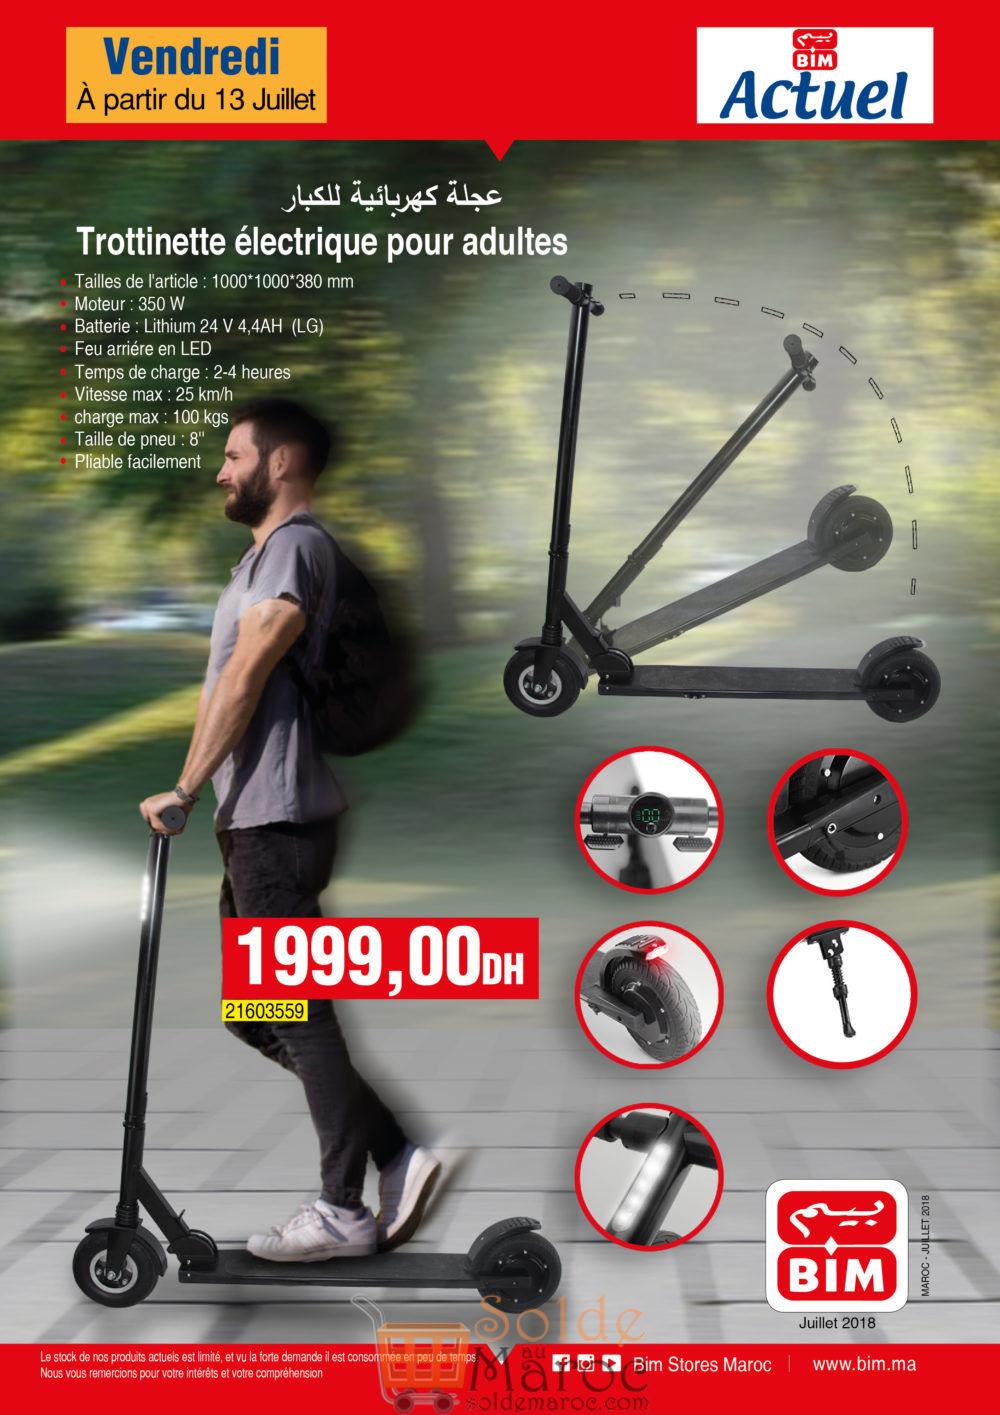 Offre Bim Maroc Trottinette électrique 1999Dhs